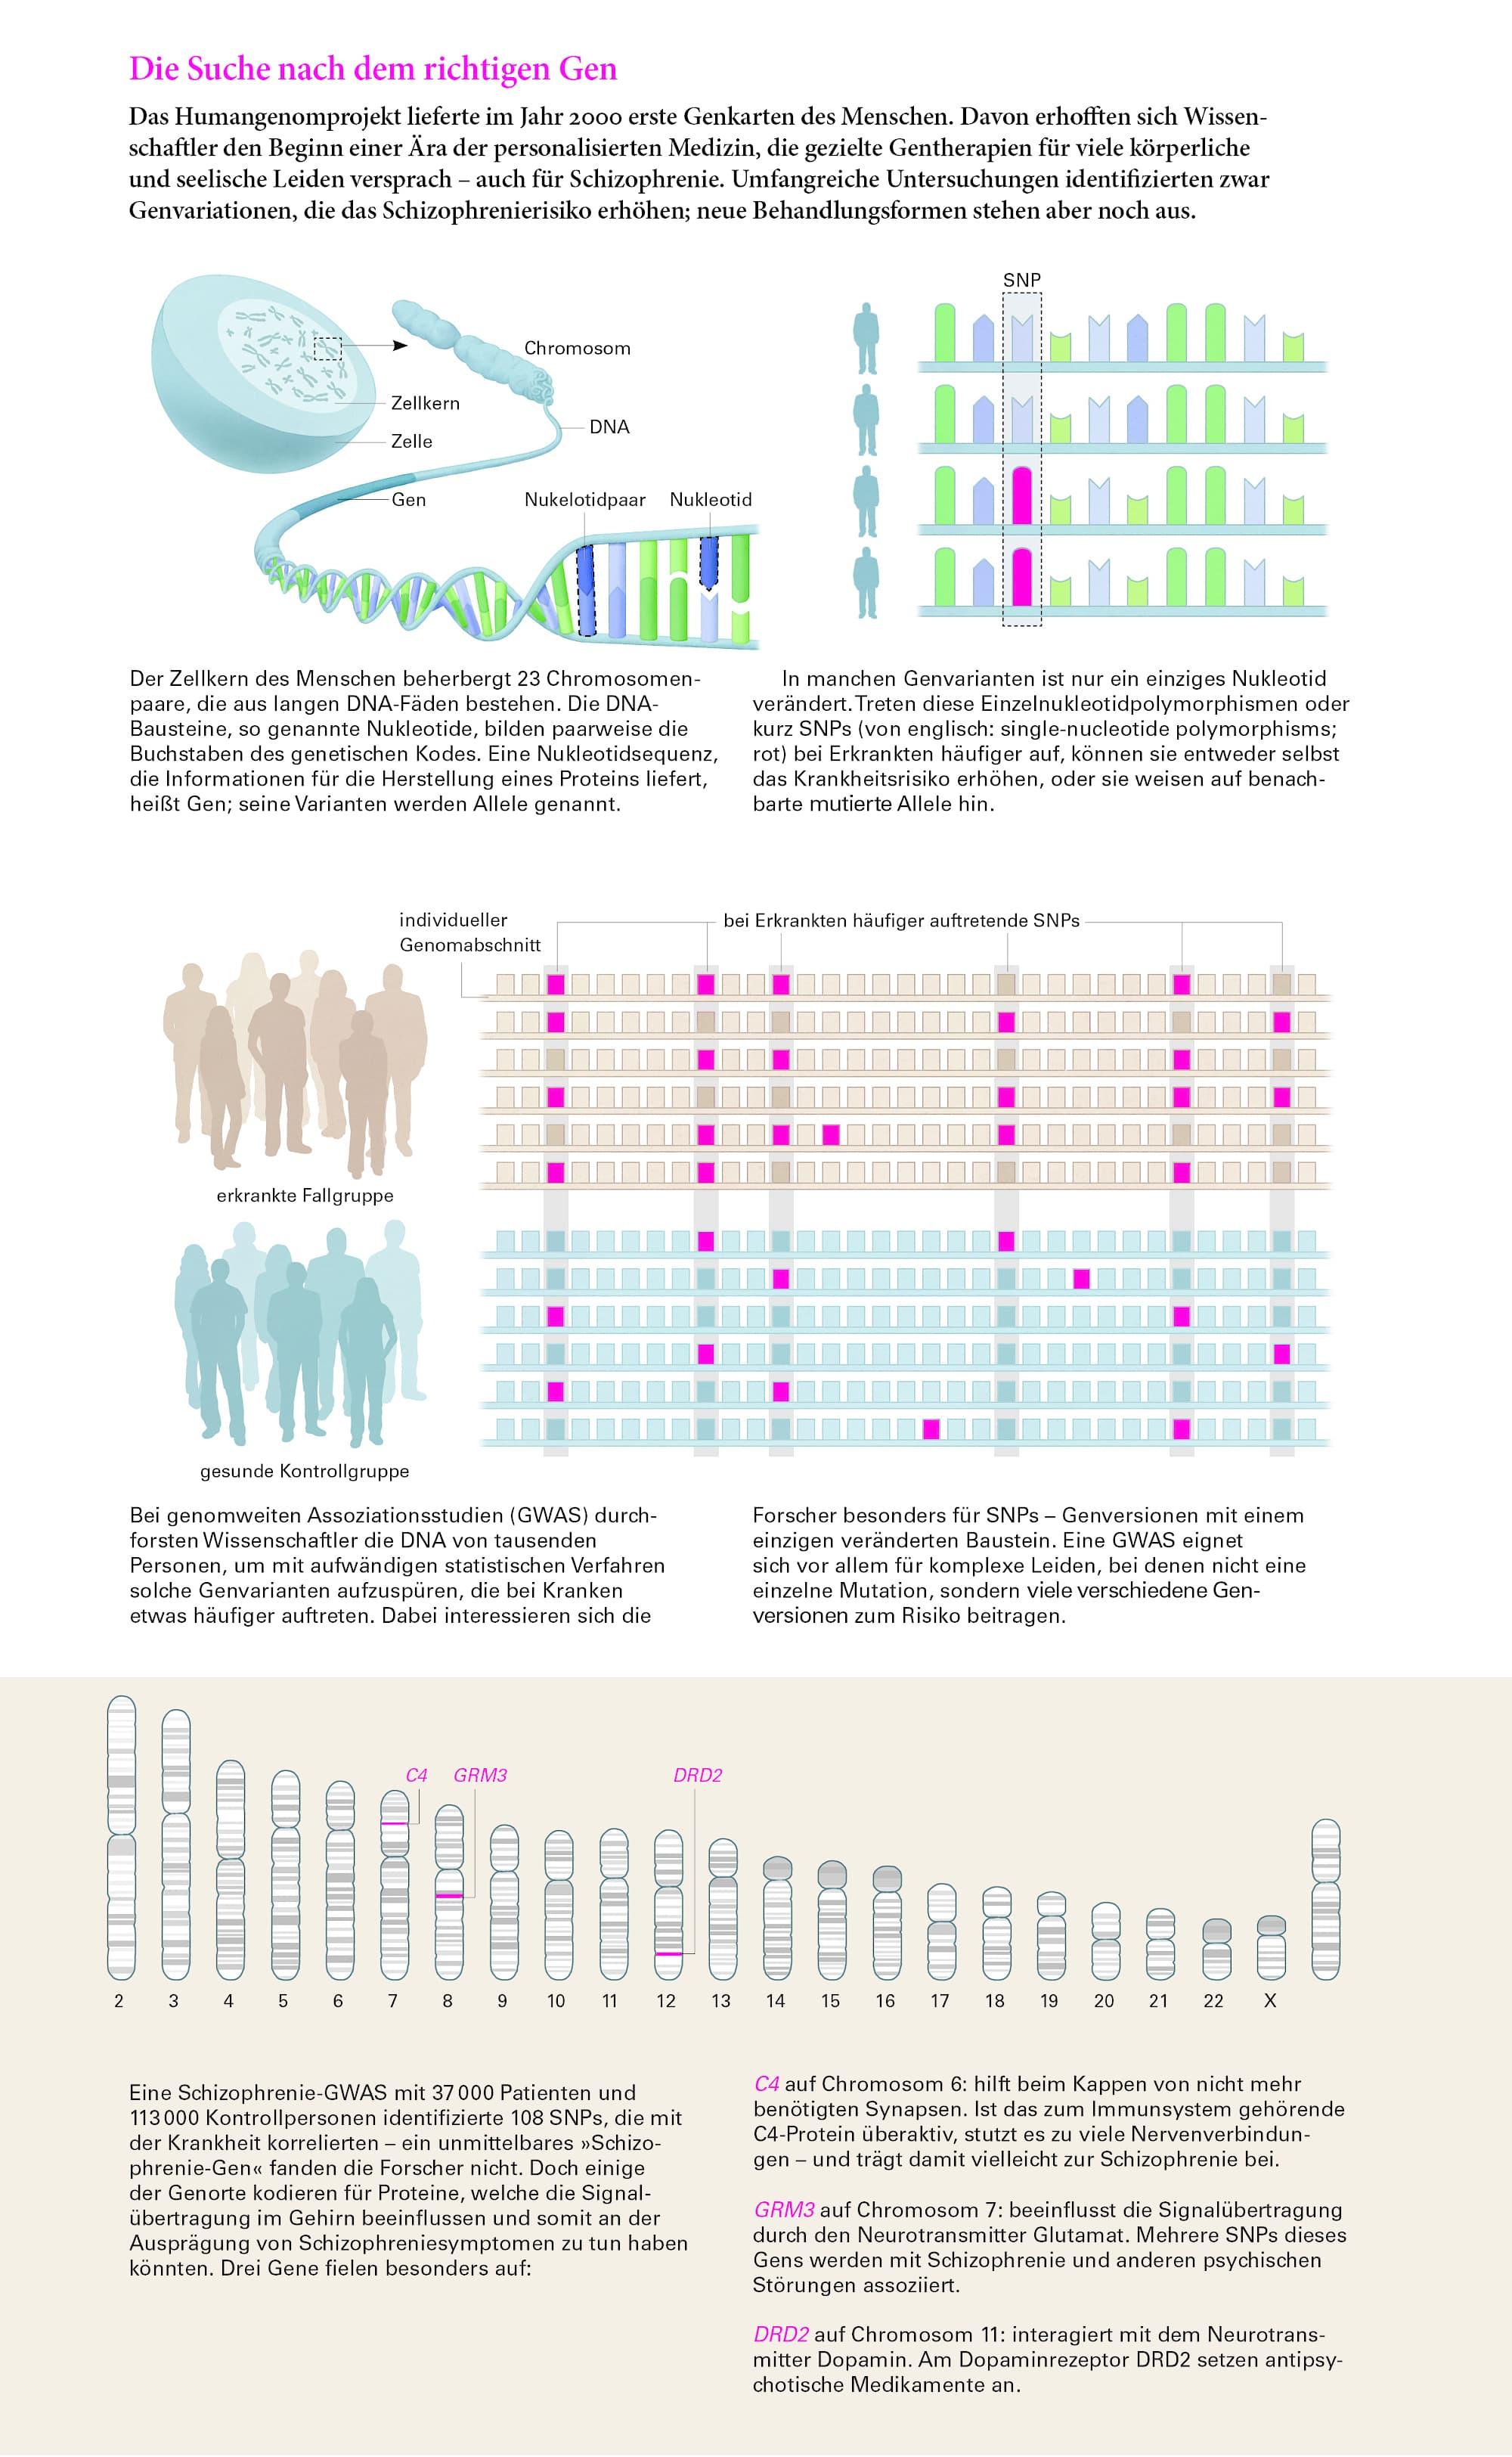 Genstudien: Gibt es ein Schizophrenie-Gen? - Spektrum der Wissenschaft